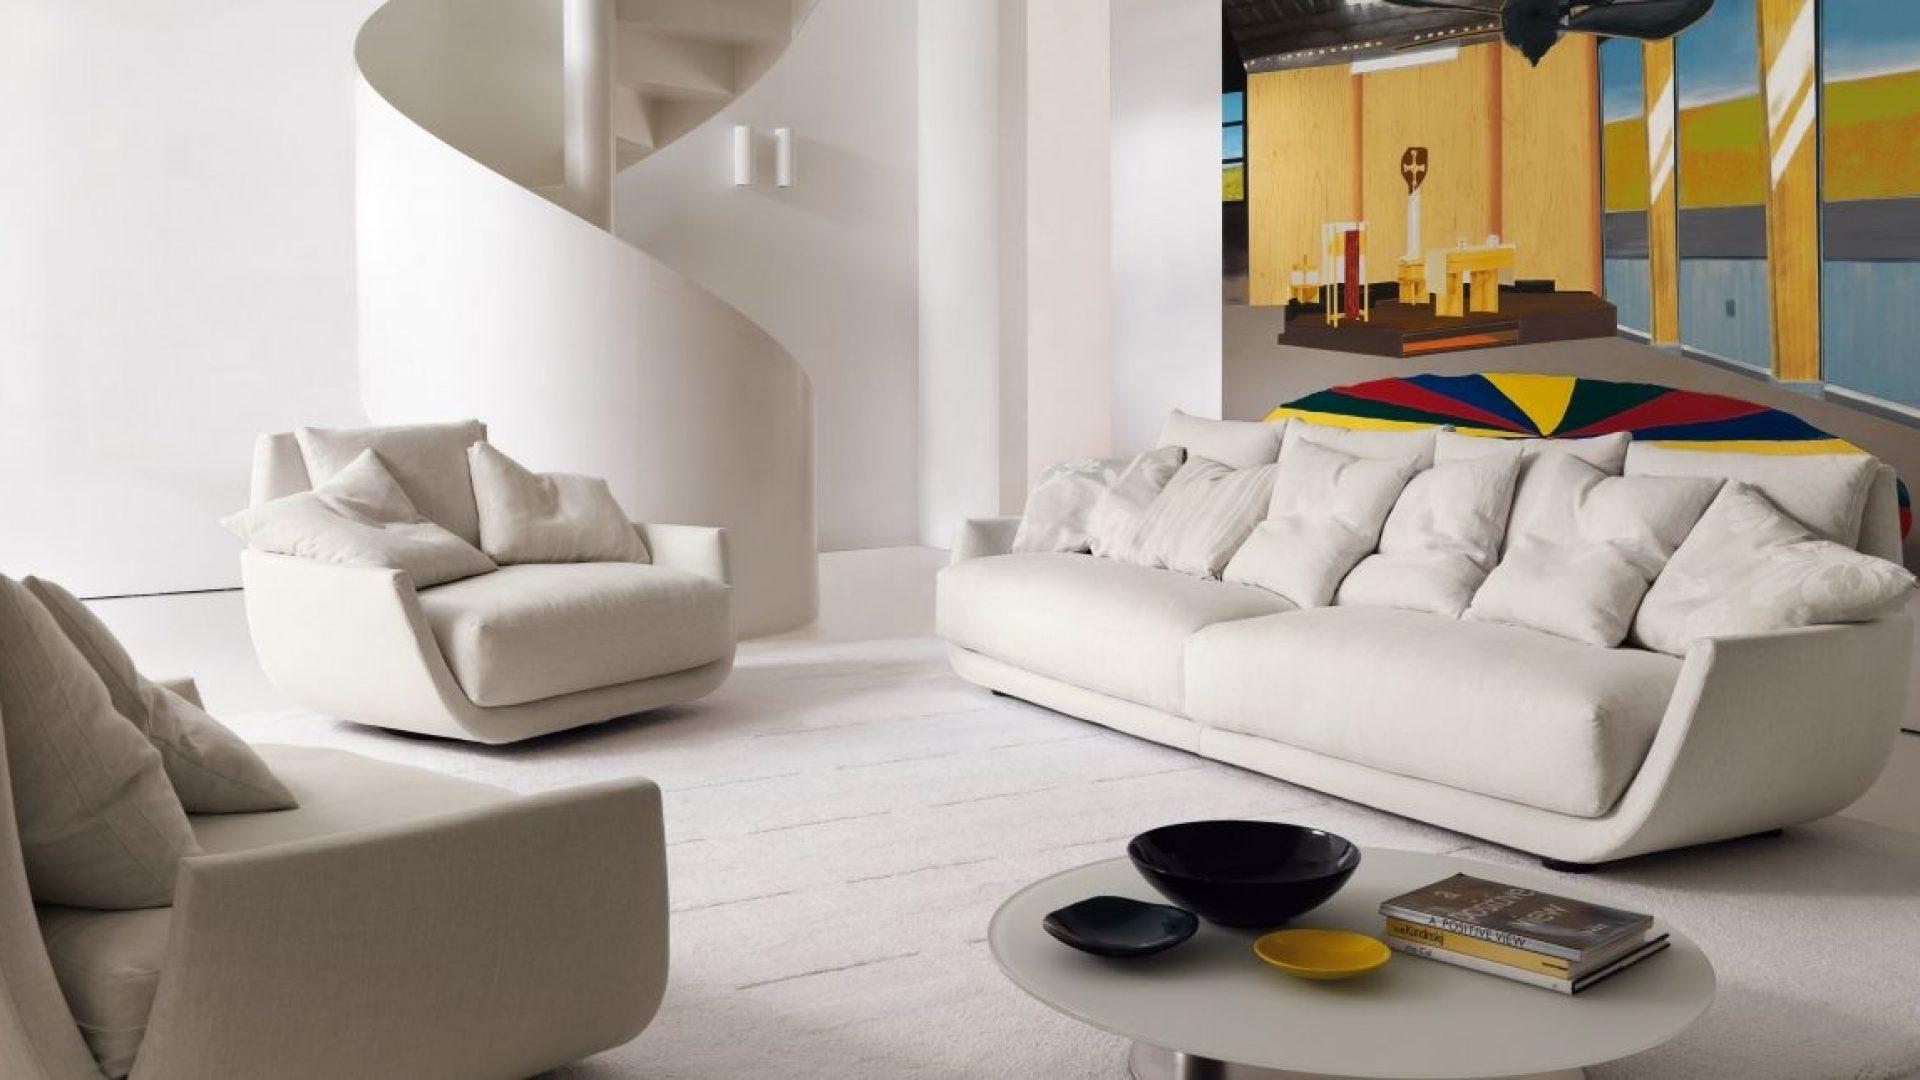 de_i_sofa-moderno-tuliss_gallery_73_L_8